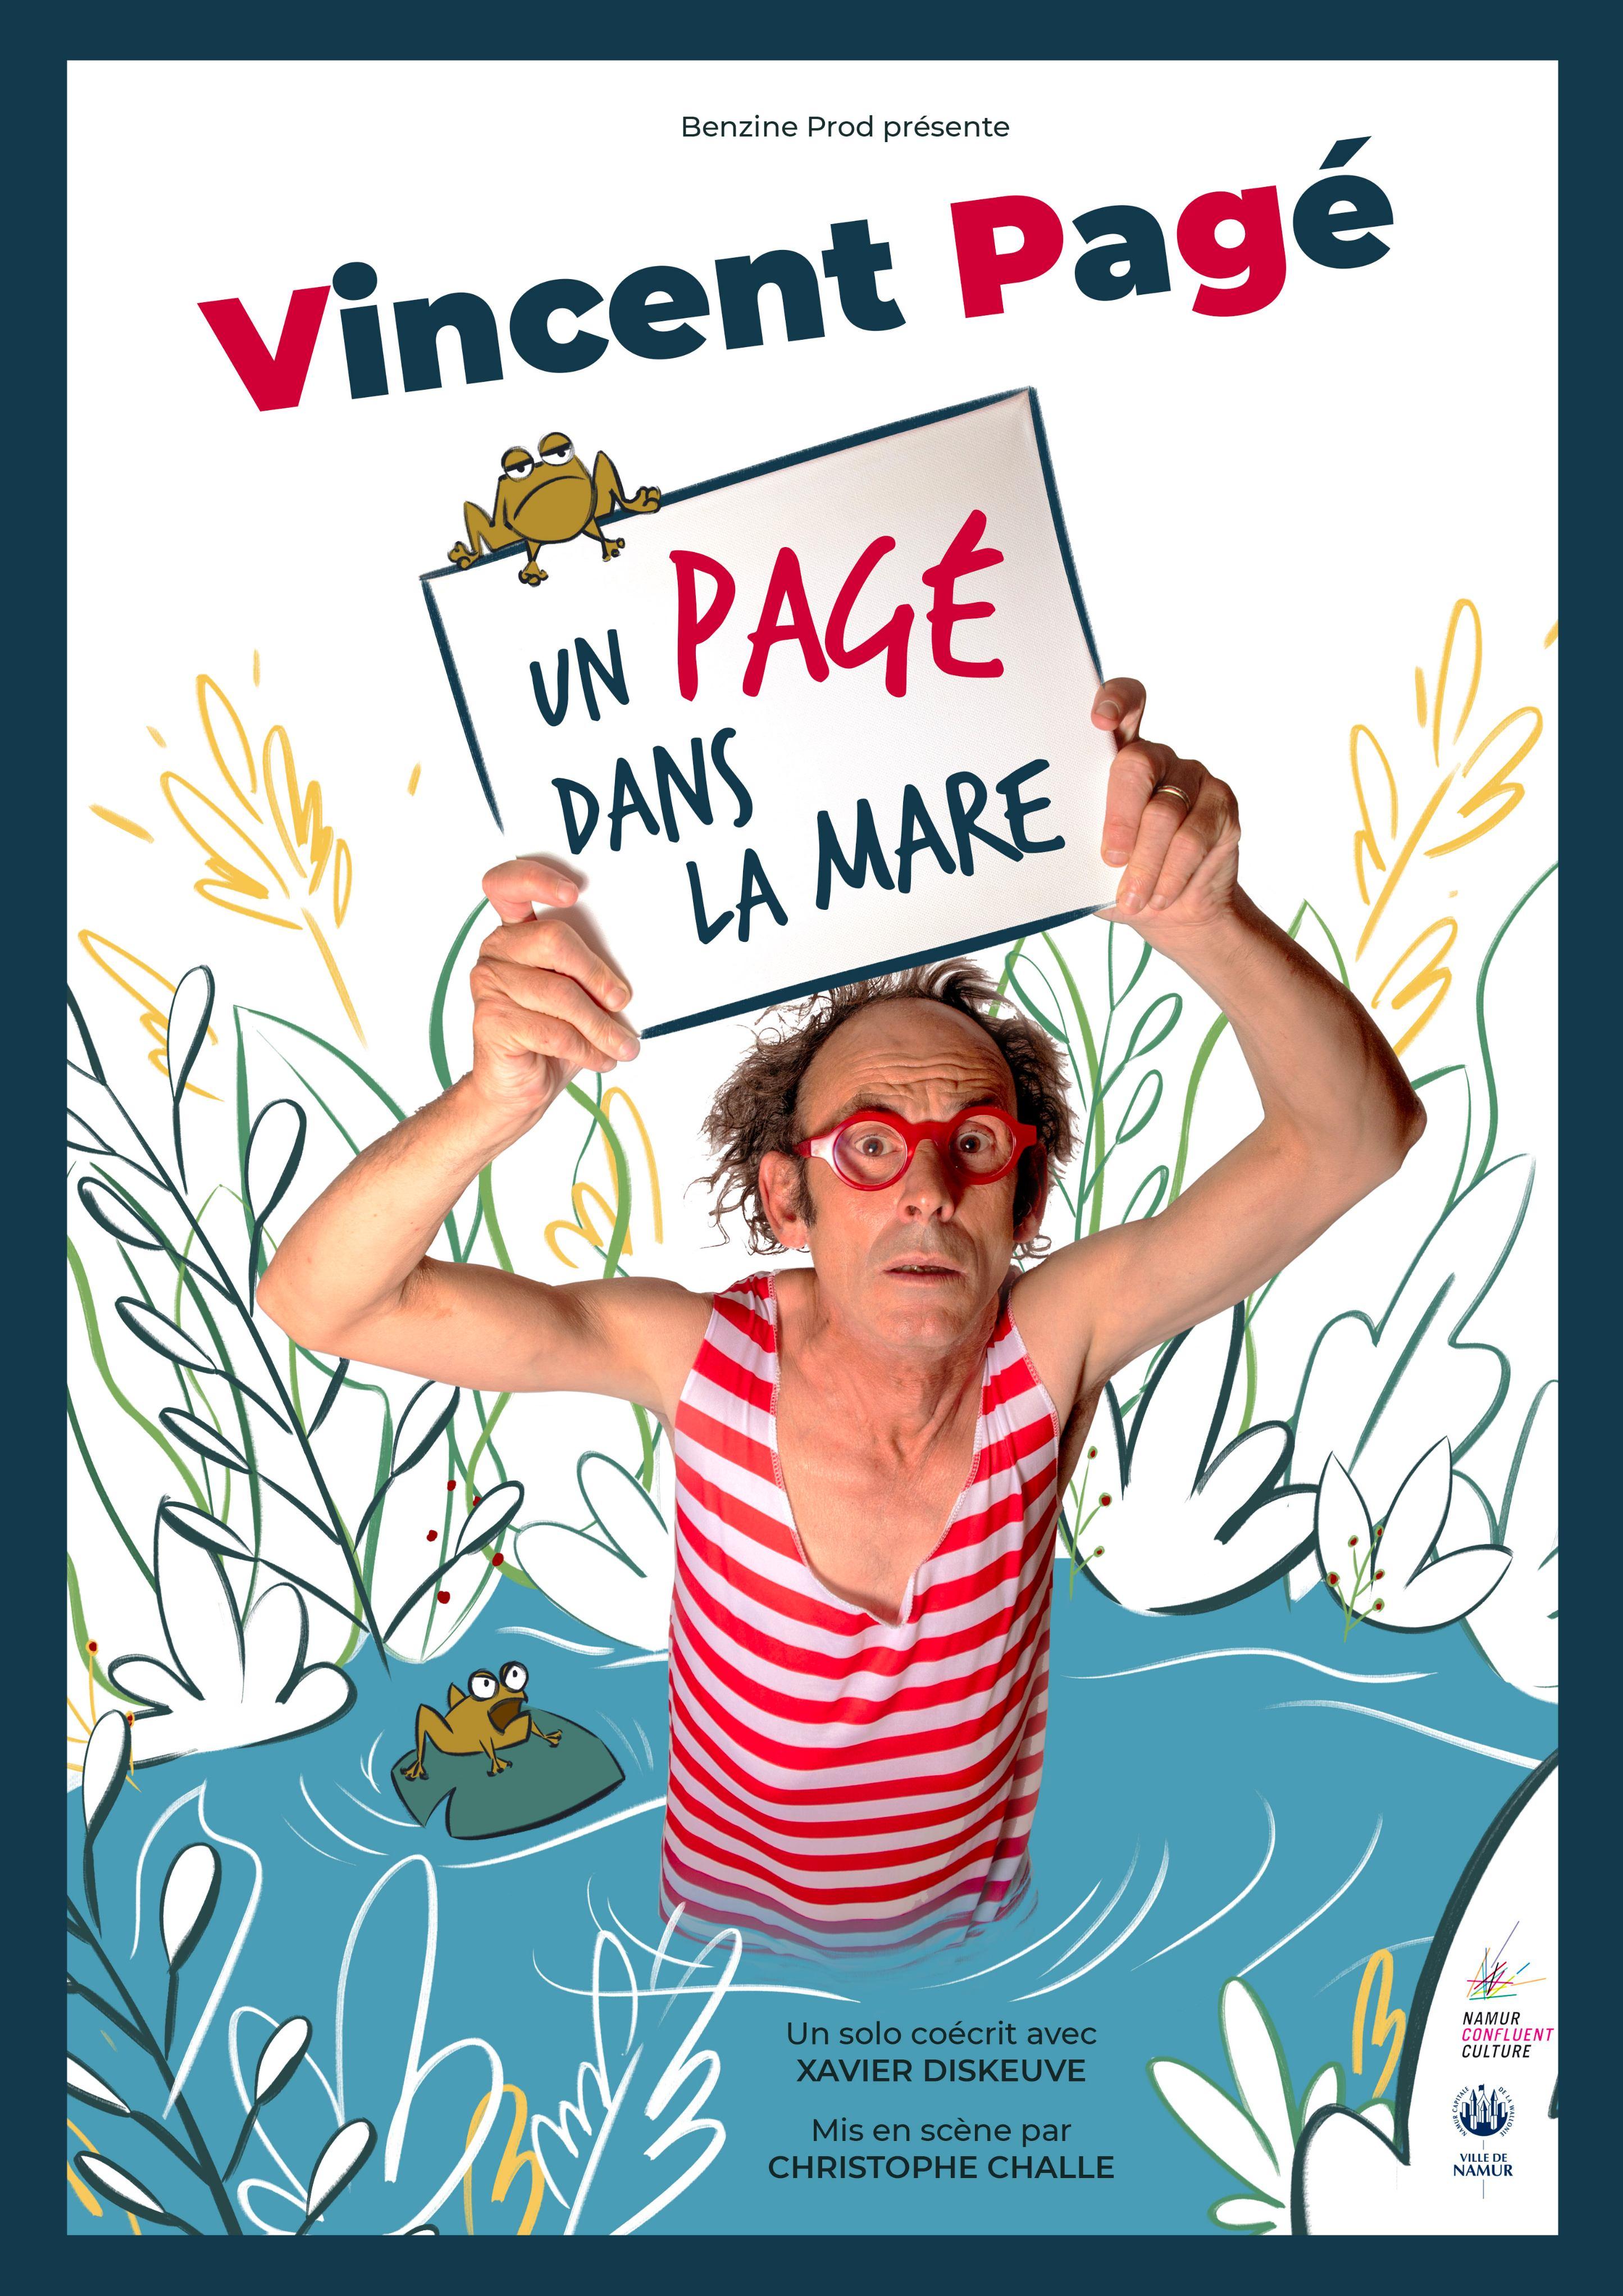 """Résultat de recherche d'images pour """"Vincent Pagé Un Pagé dans la Mare Namur Photos"""""""